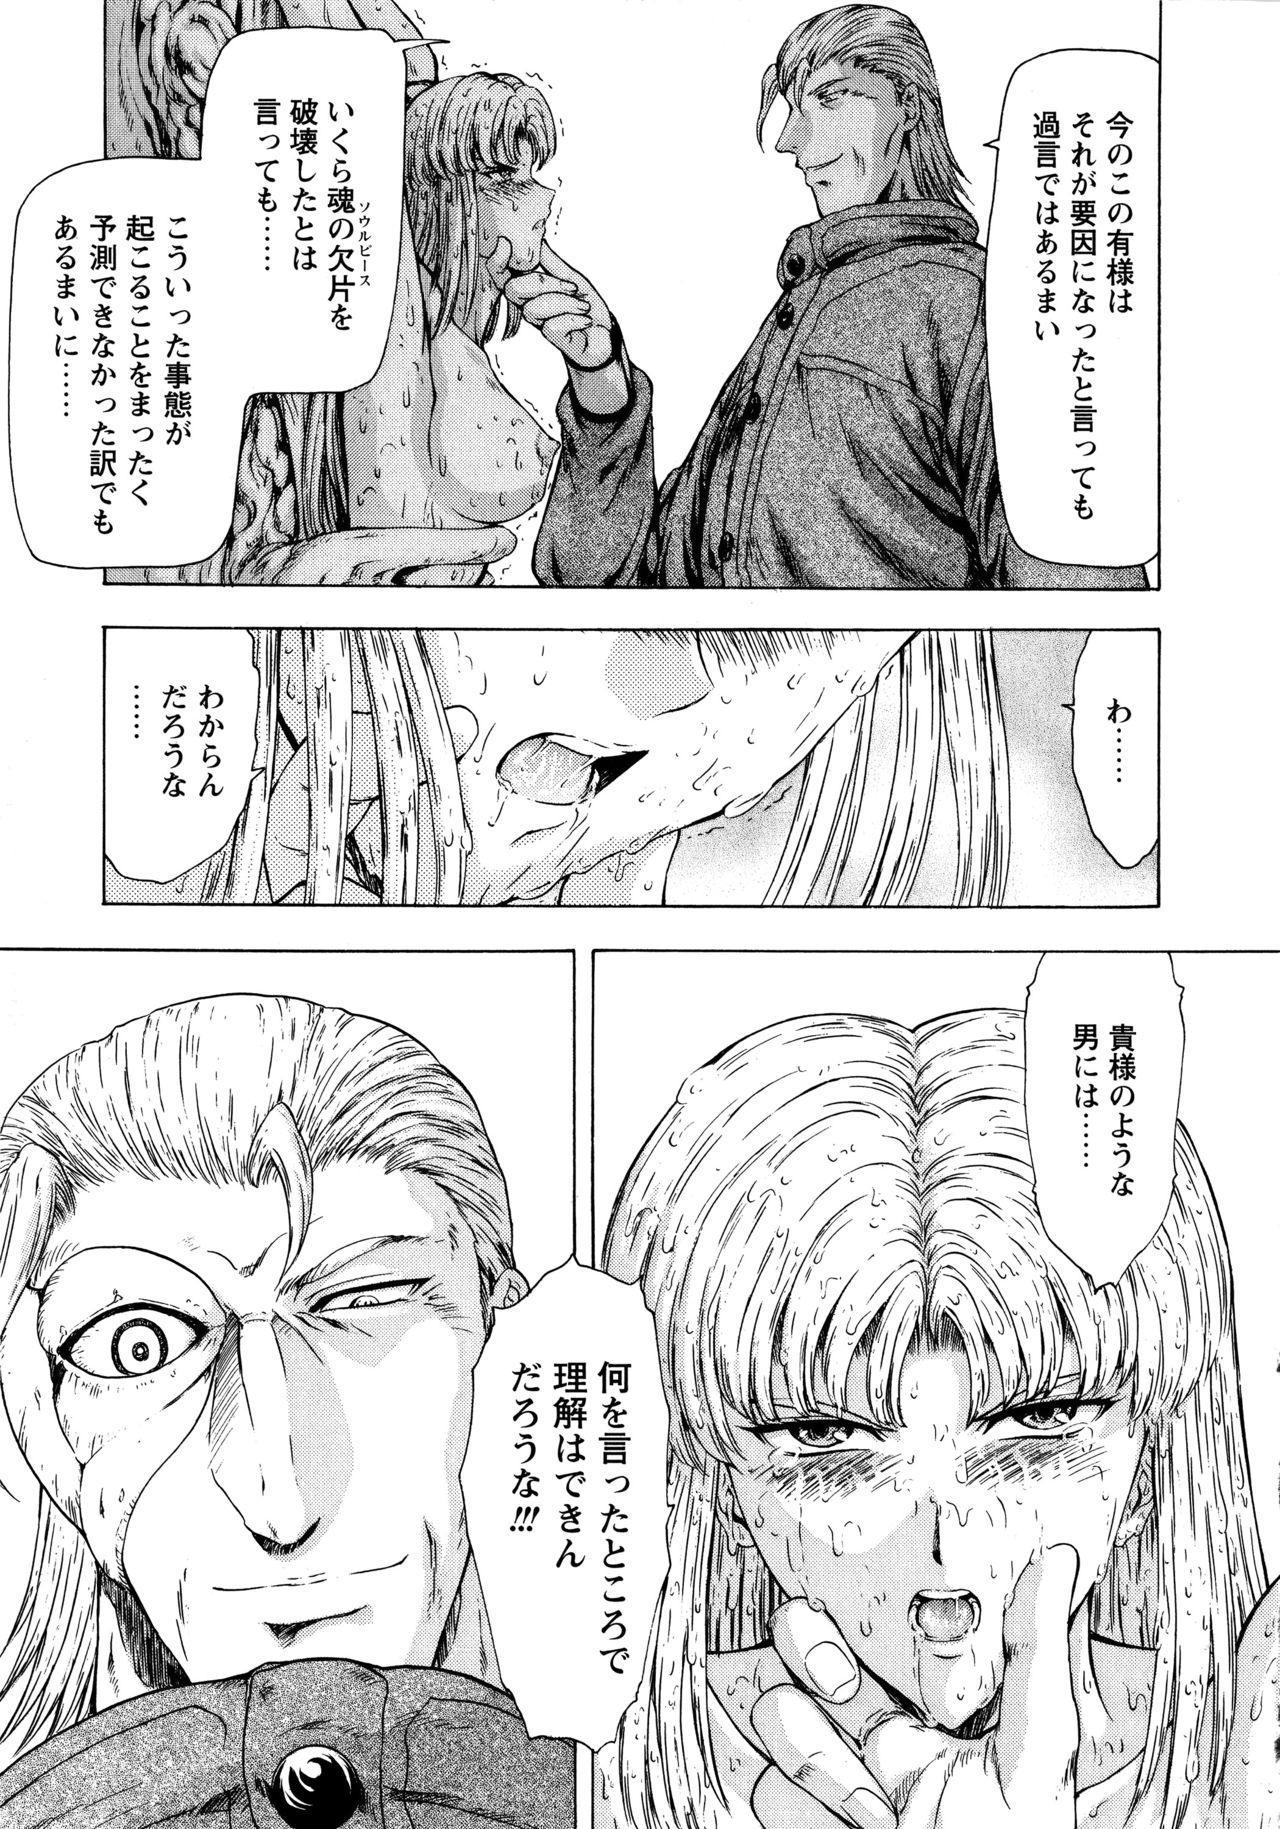 Ginryuu no Reimei Vol. 1 172